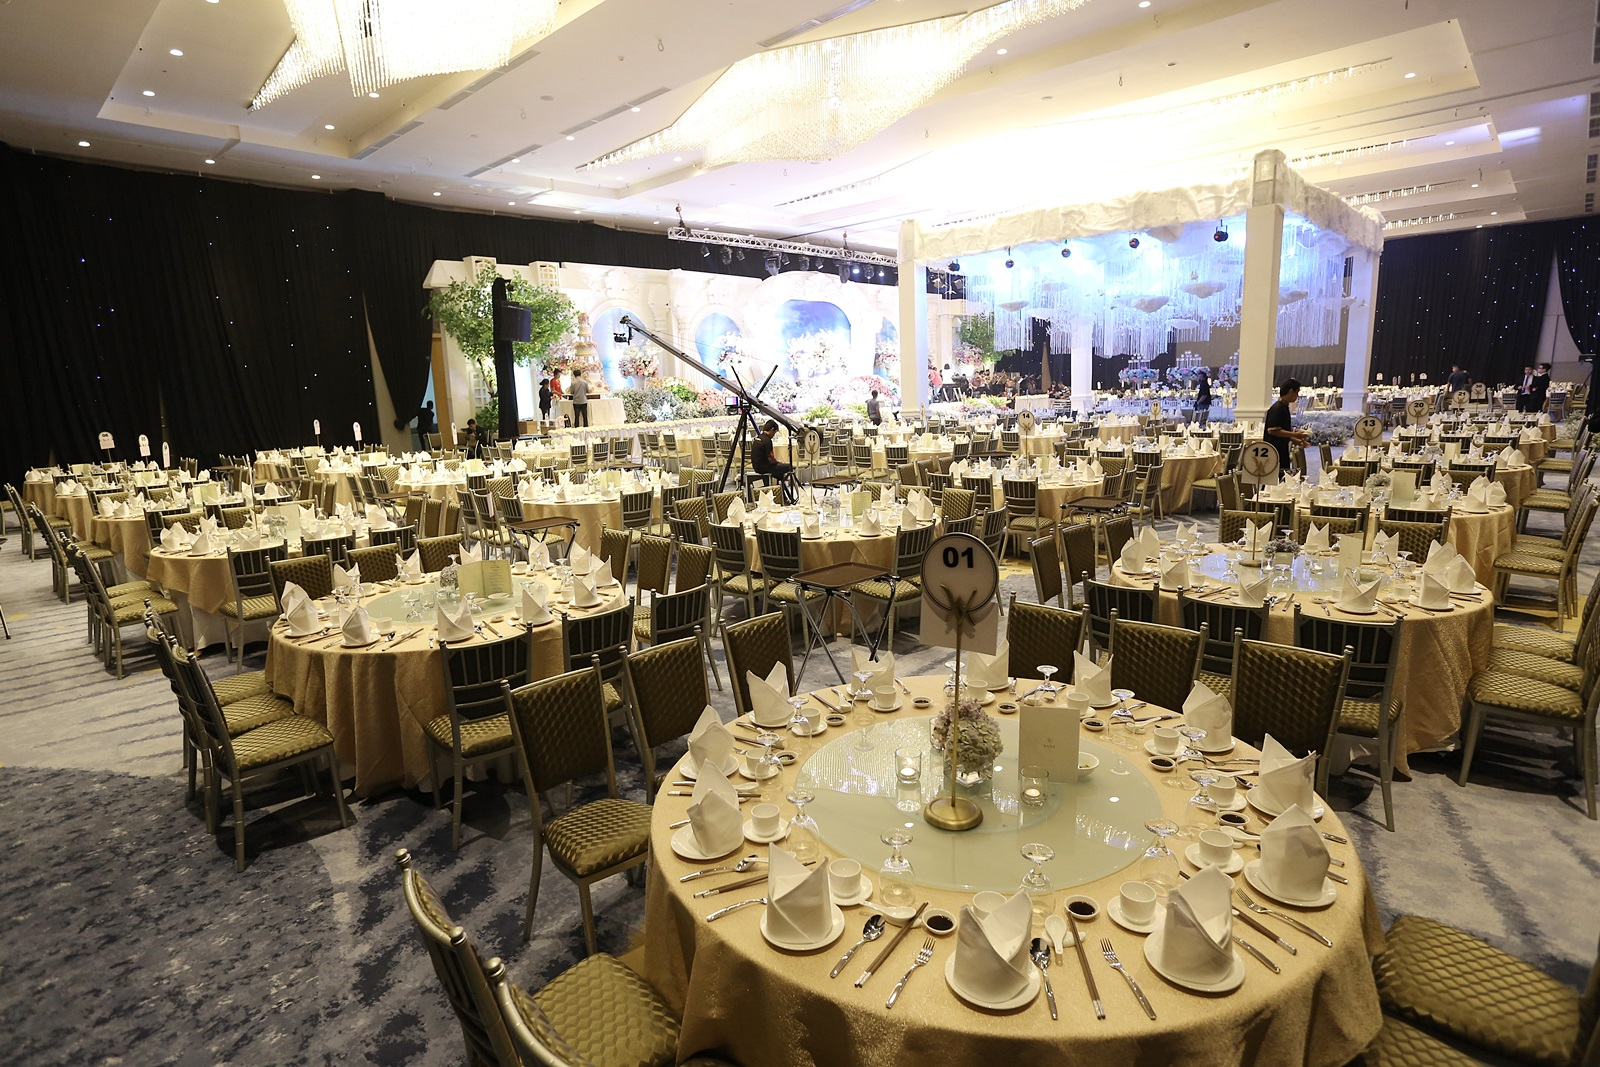 Intimate wedding at vasa grand ballroom by vasa hotel surabaya intimate wedding at vasa grand ballroom by vasa hotel surabaya bridestory junglespirit Images